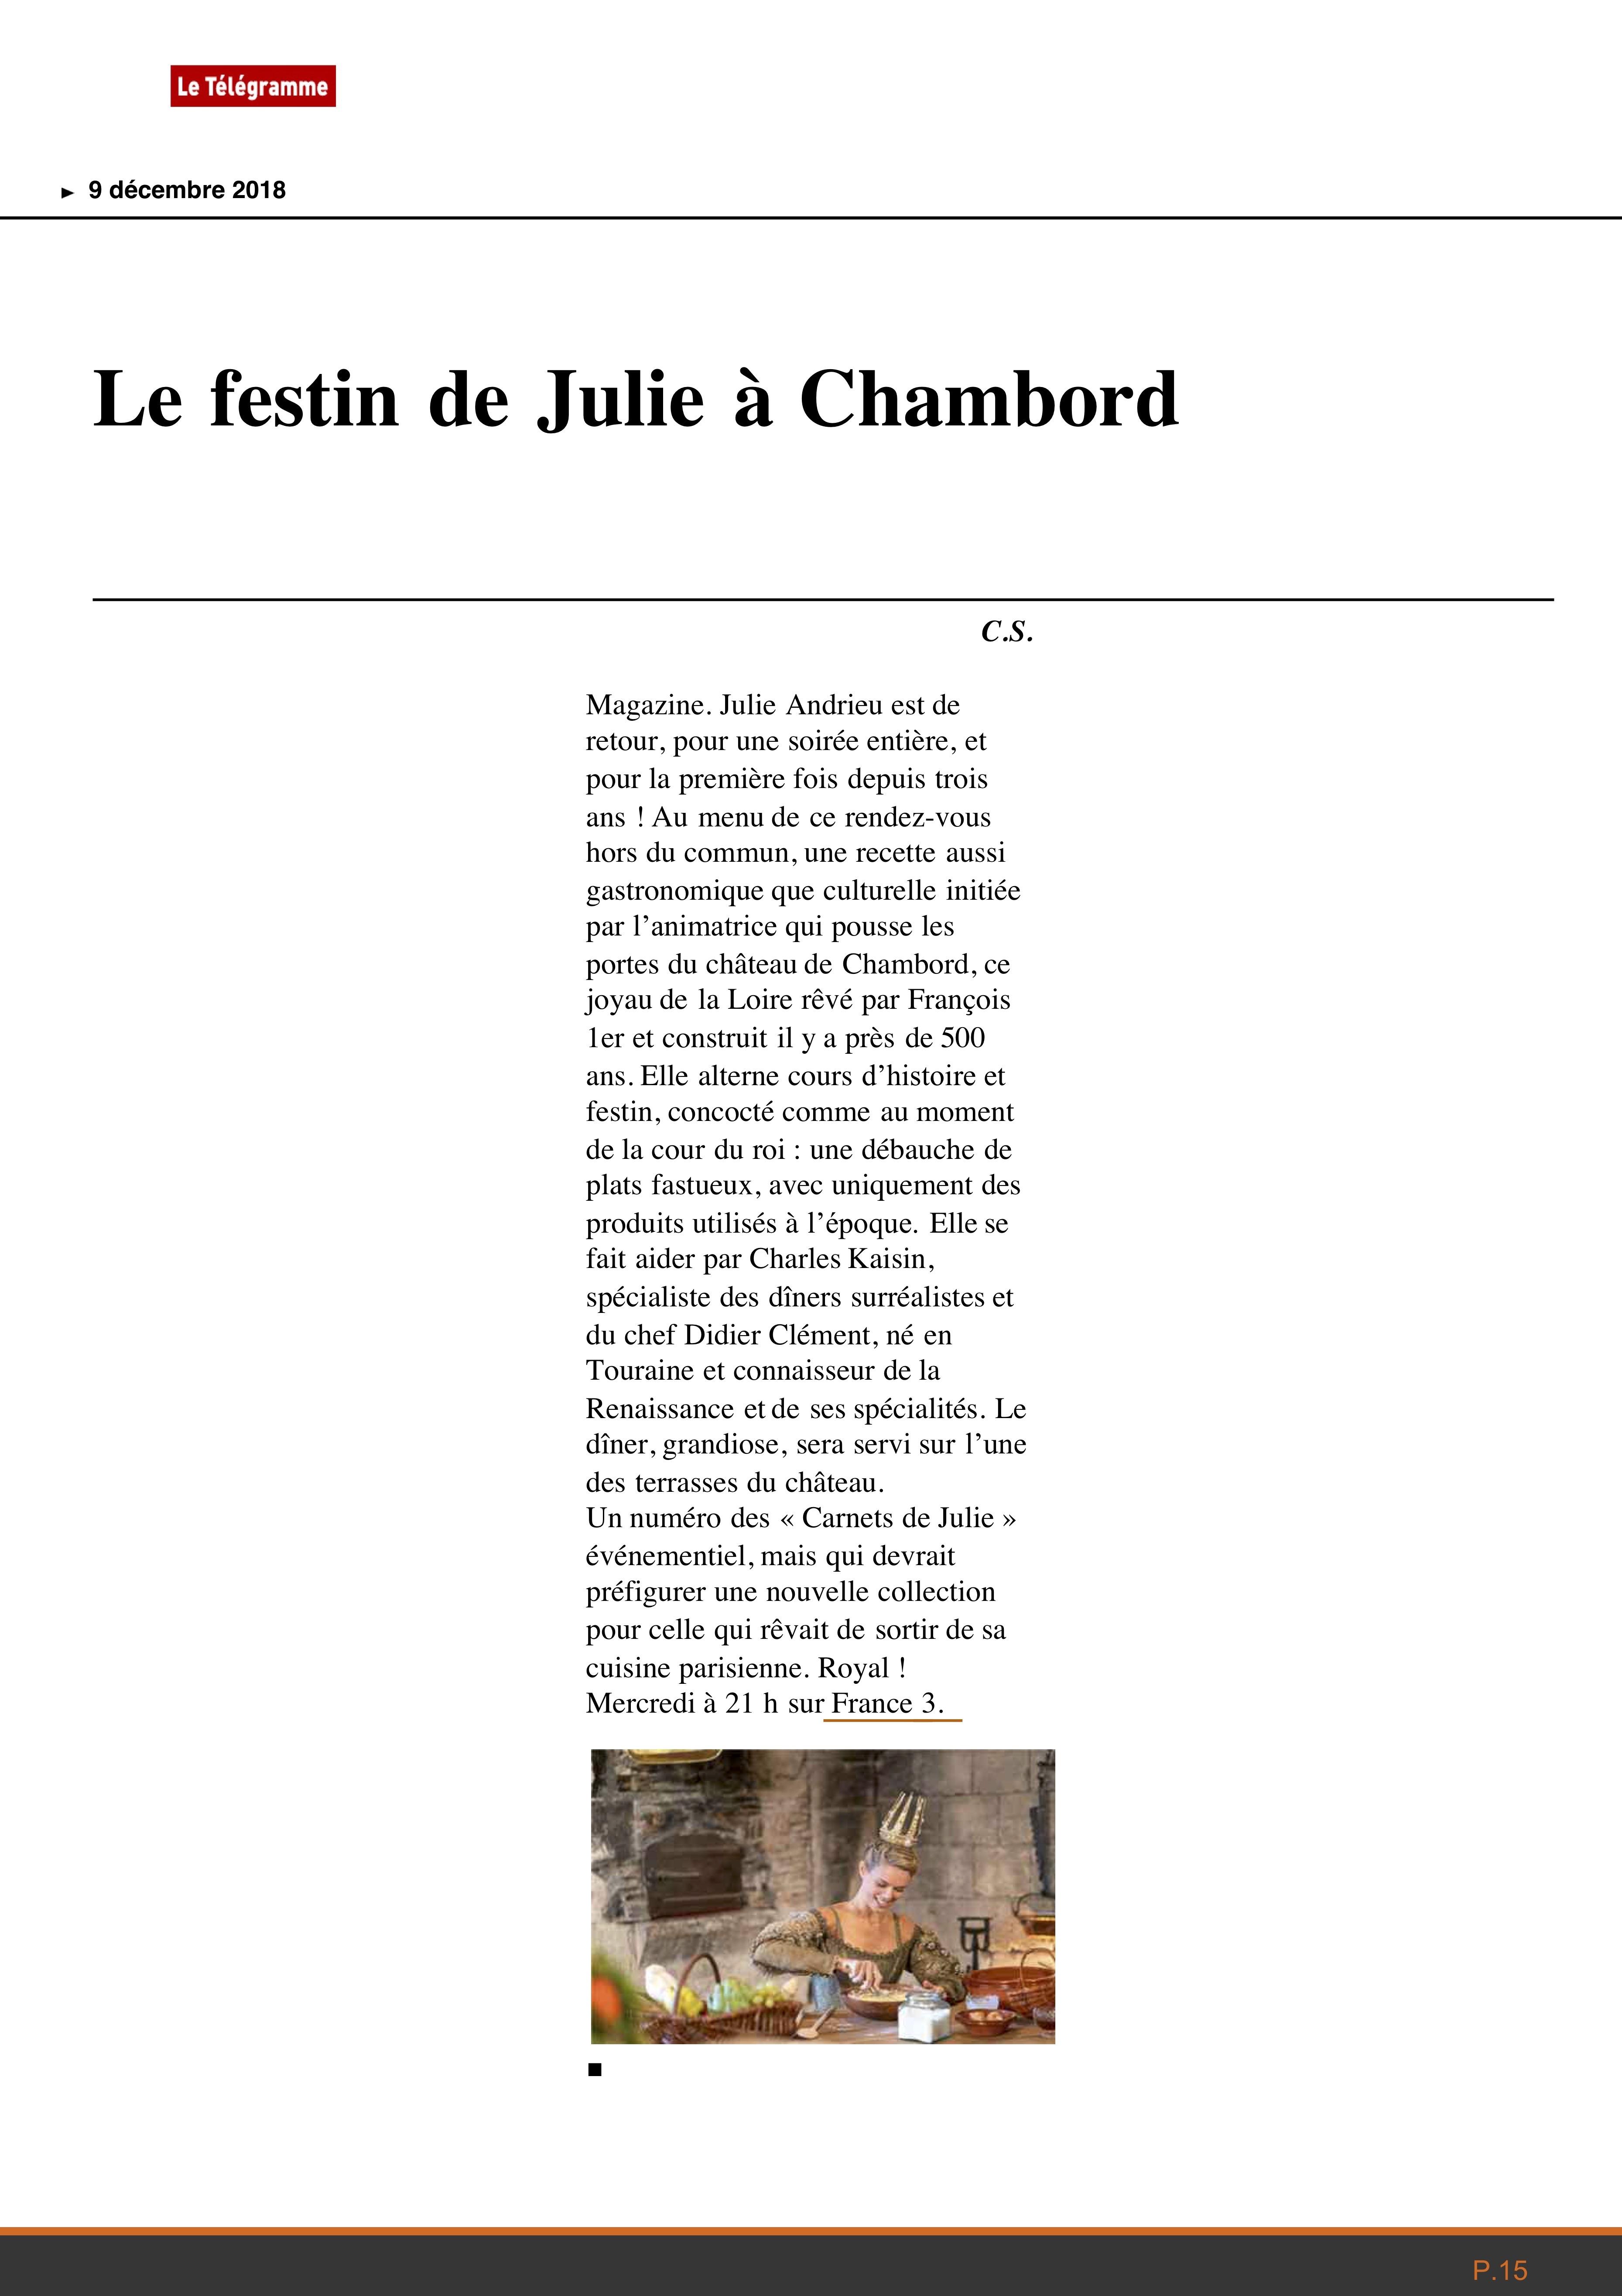 LE TELEGRAMME – «Le festin de Julie à Chambord» – 9 décembre 2018